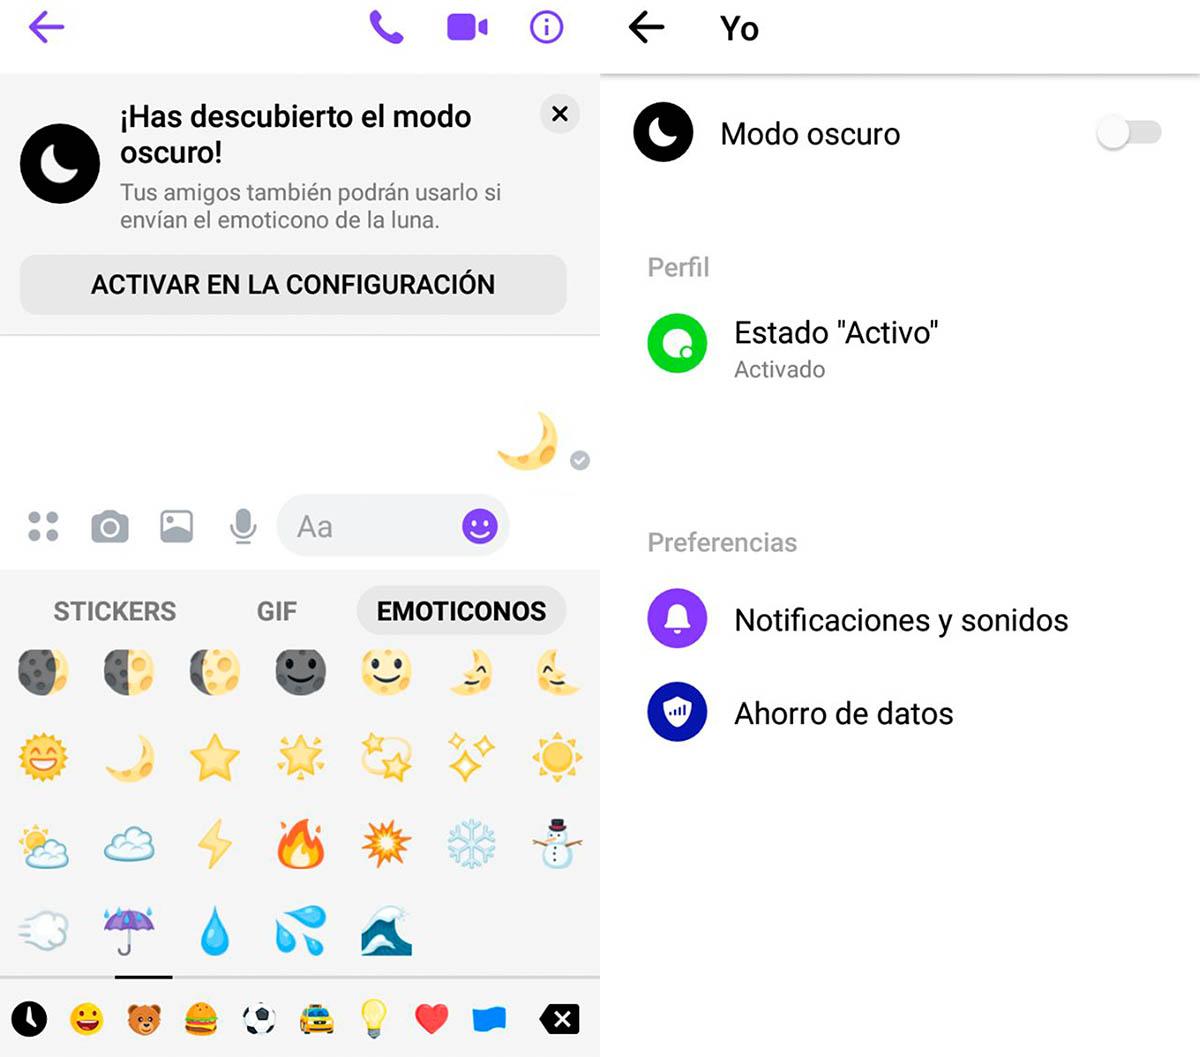 Cómo se activa el modo oscuro en Messenger